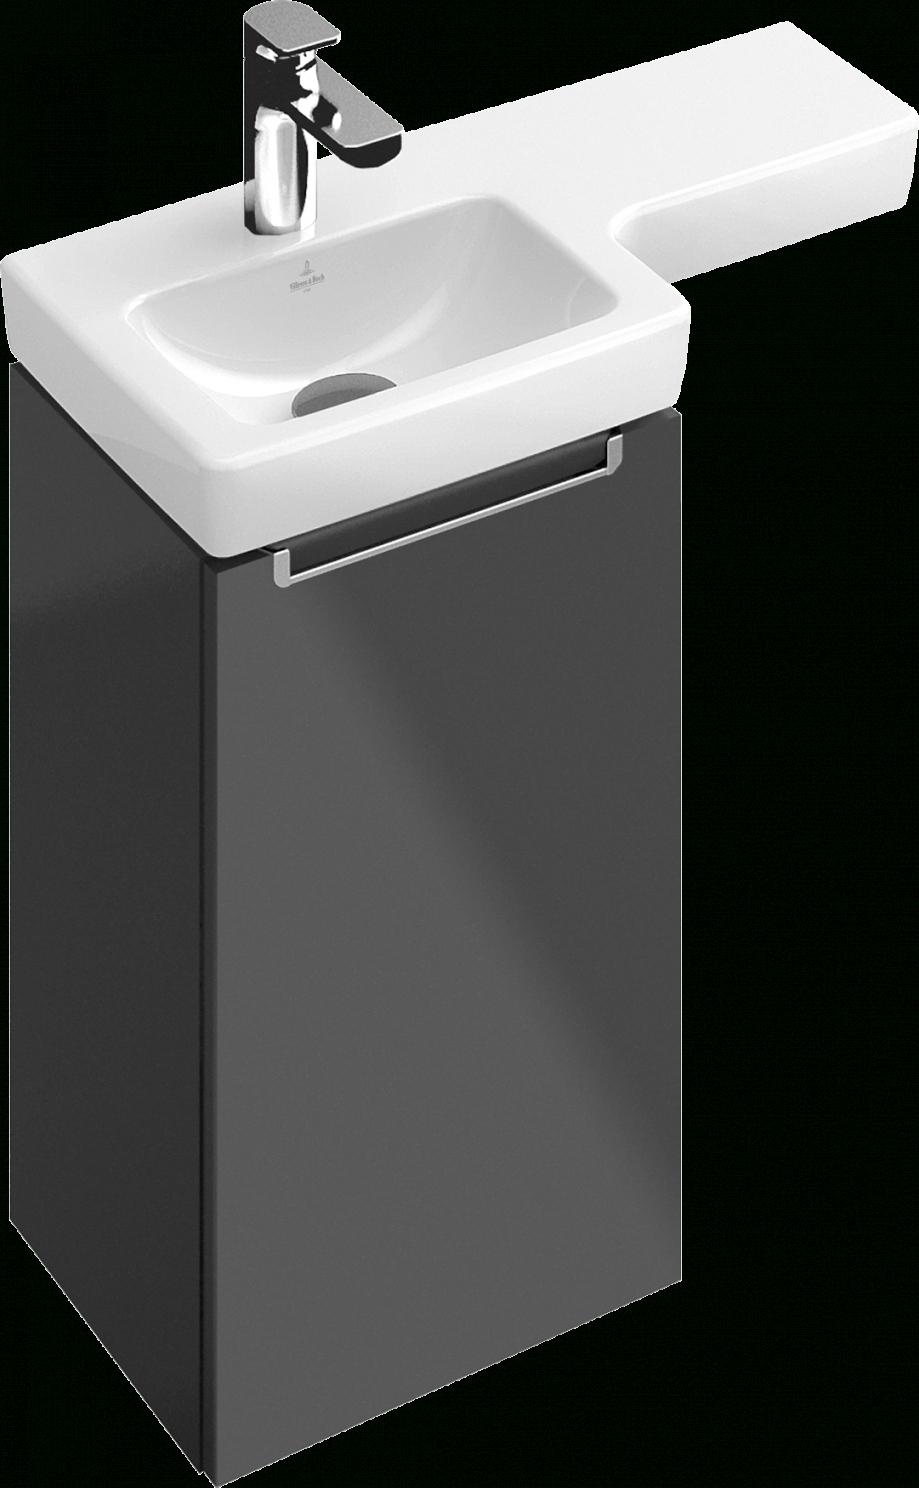 villeroy und boch waschtisch mit unterschrank haus design ideen. Black Bedroom Furniture Sets. Home Design Ideas